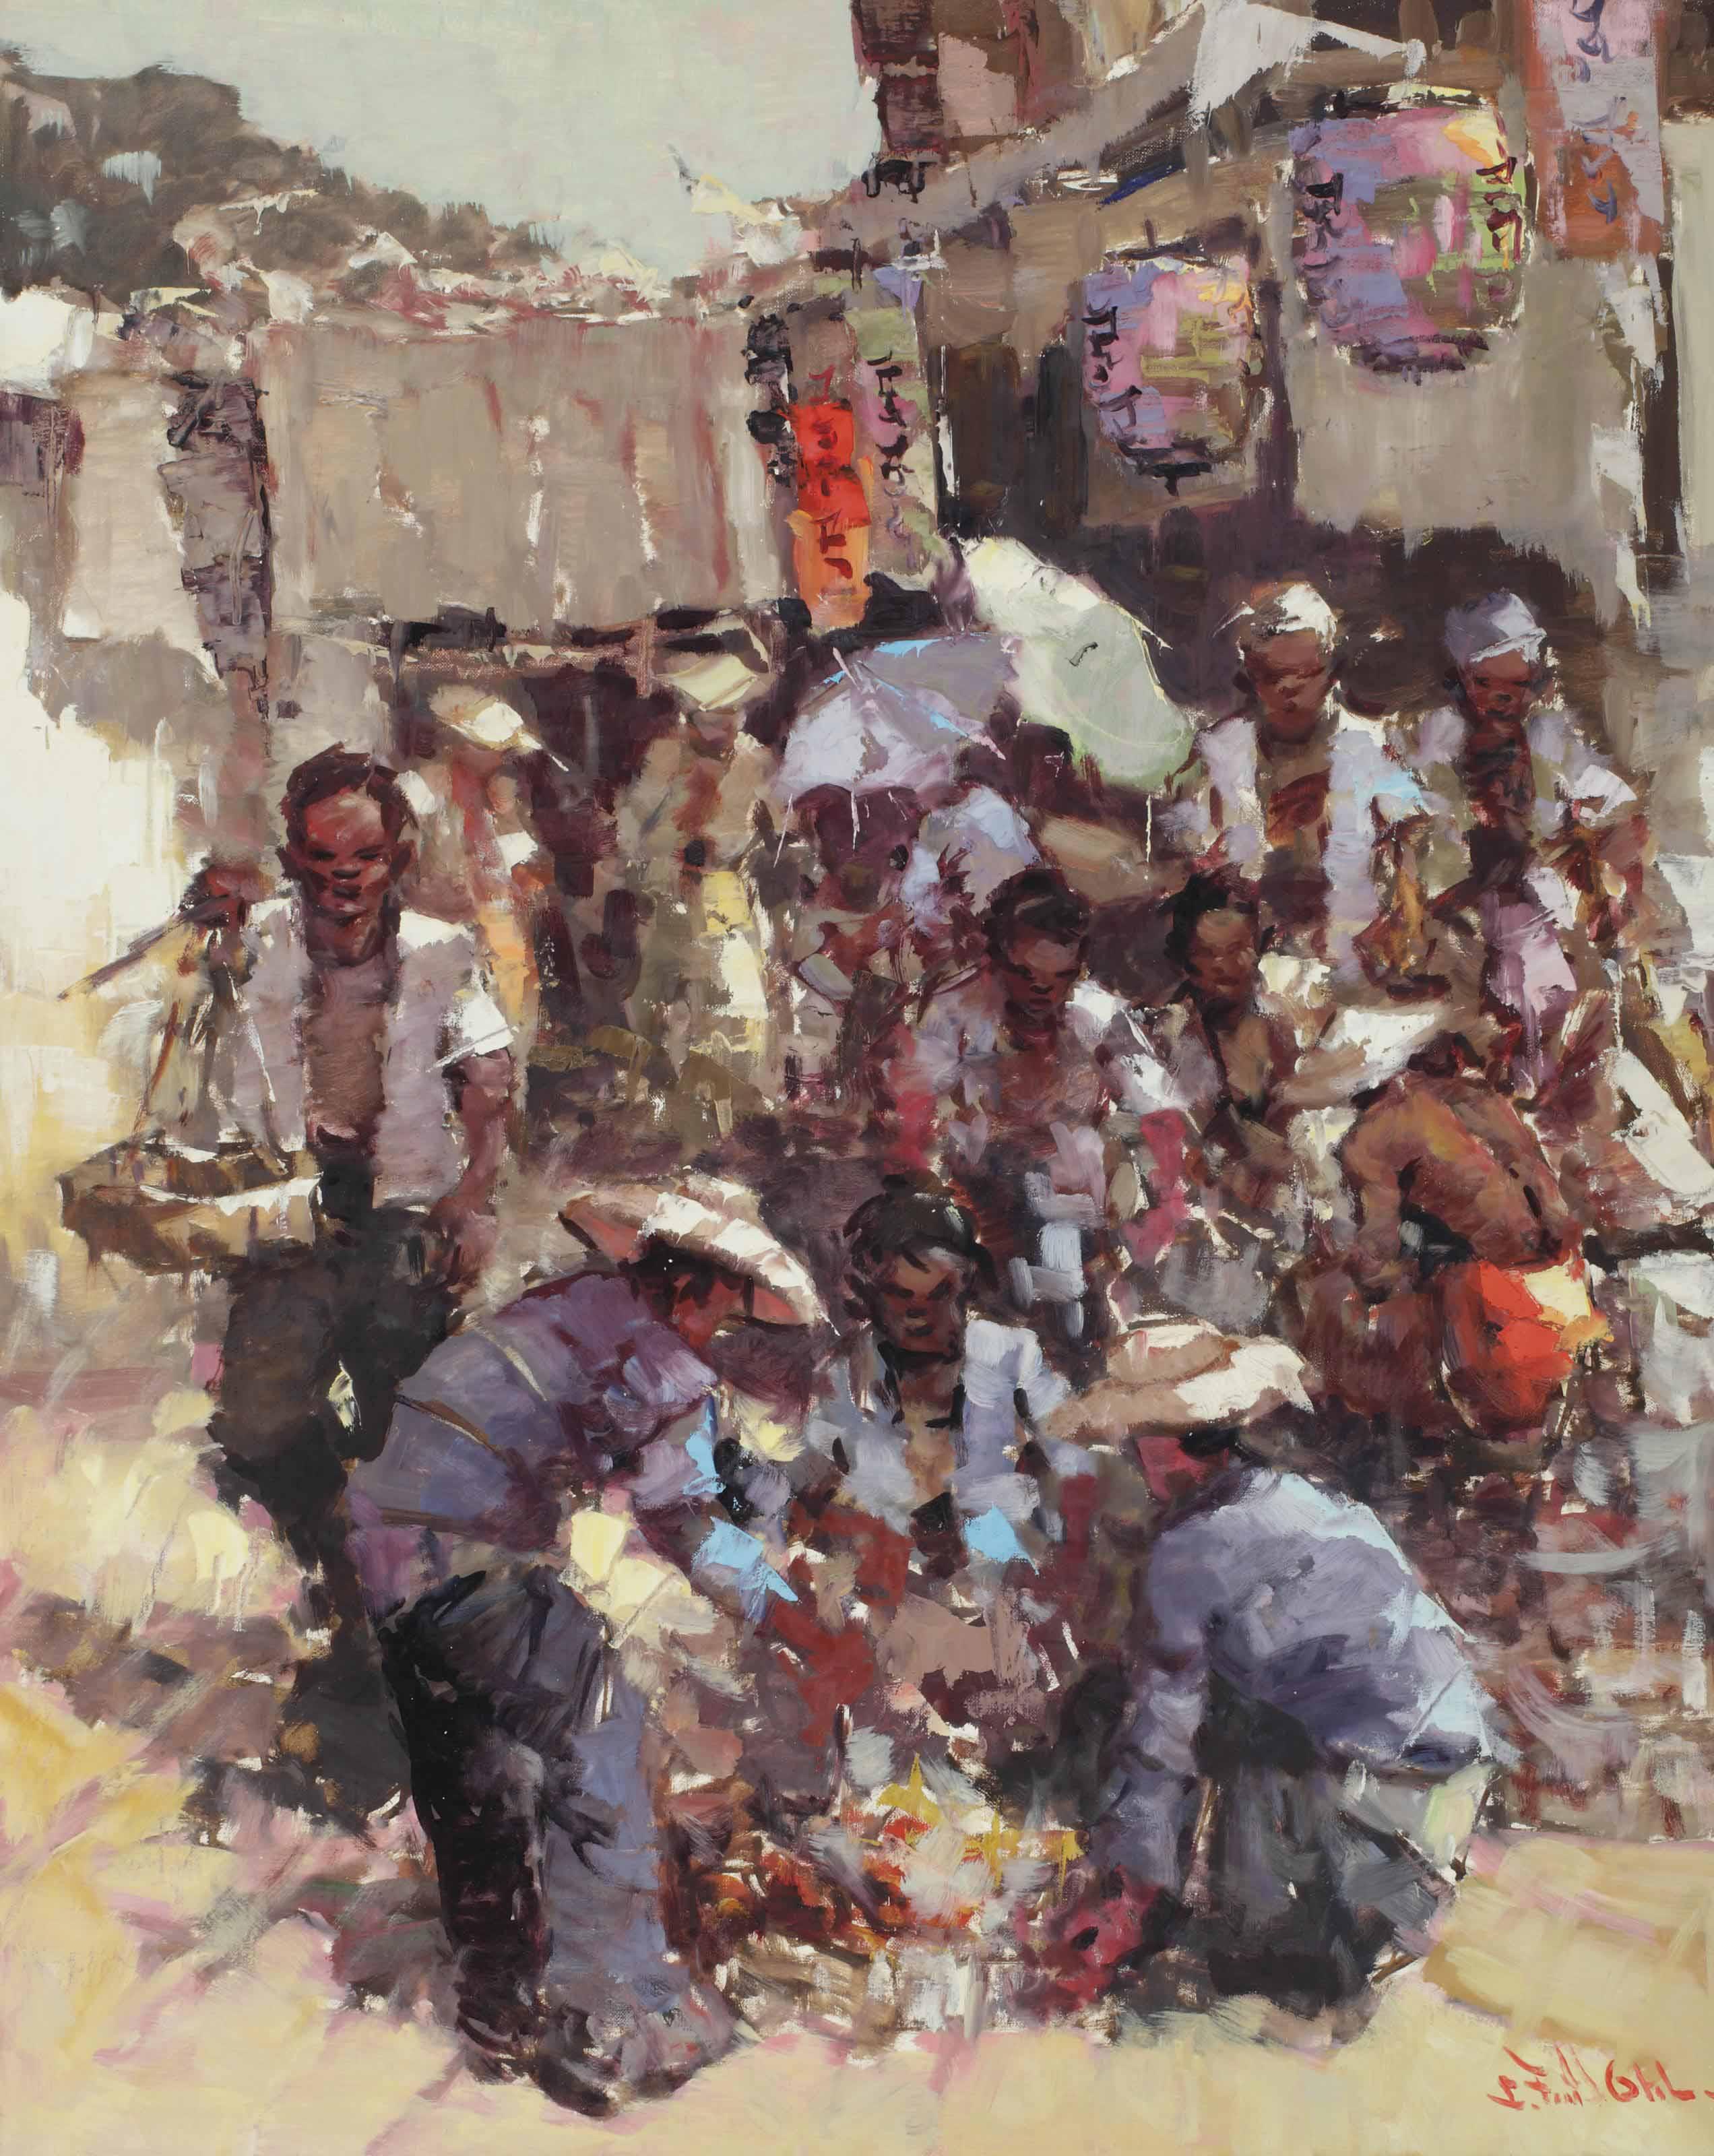 Sorting of wares